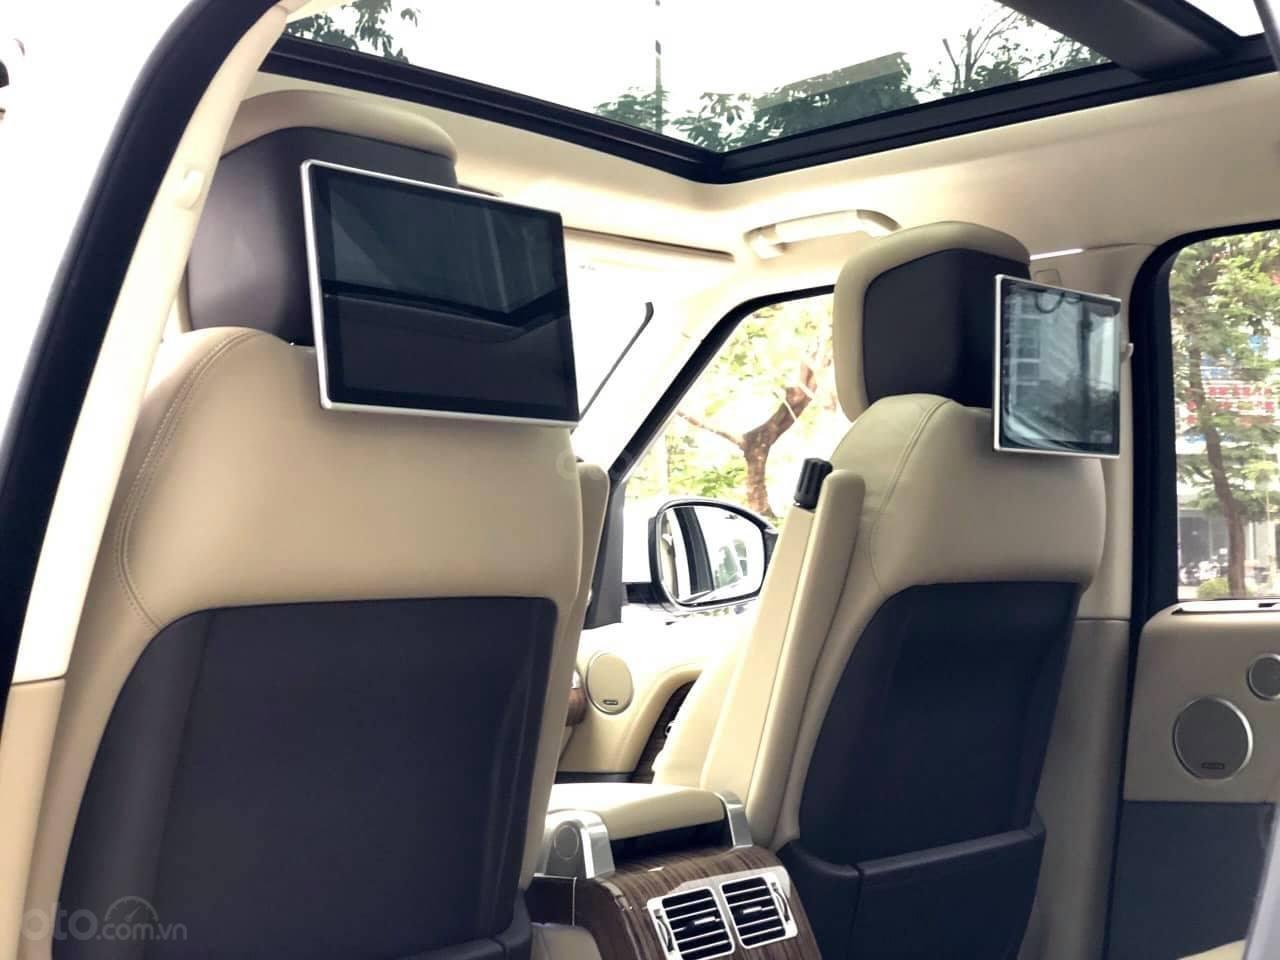 Bán LandRover Range Rover HSE 3.0 2018, màu trắng, nhập khẩu Mỹ - LH: 0982.84.2838-17